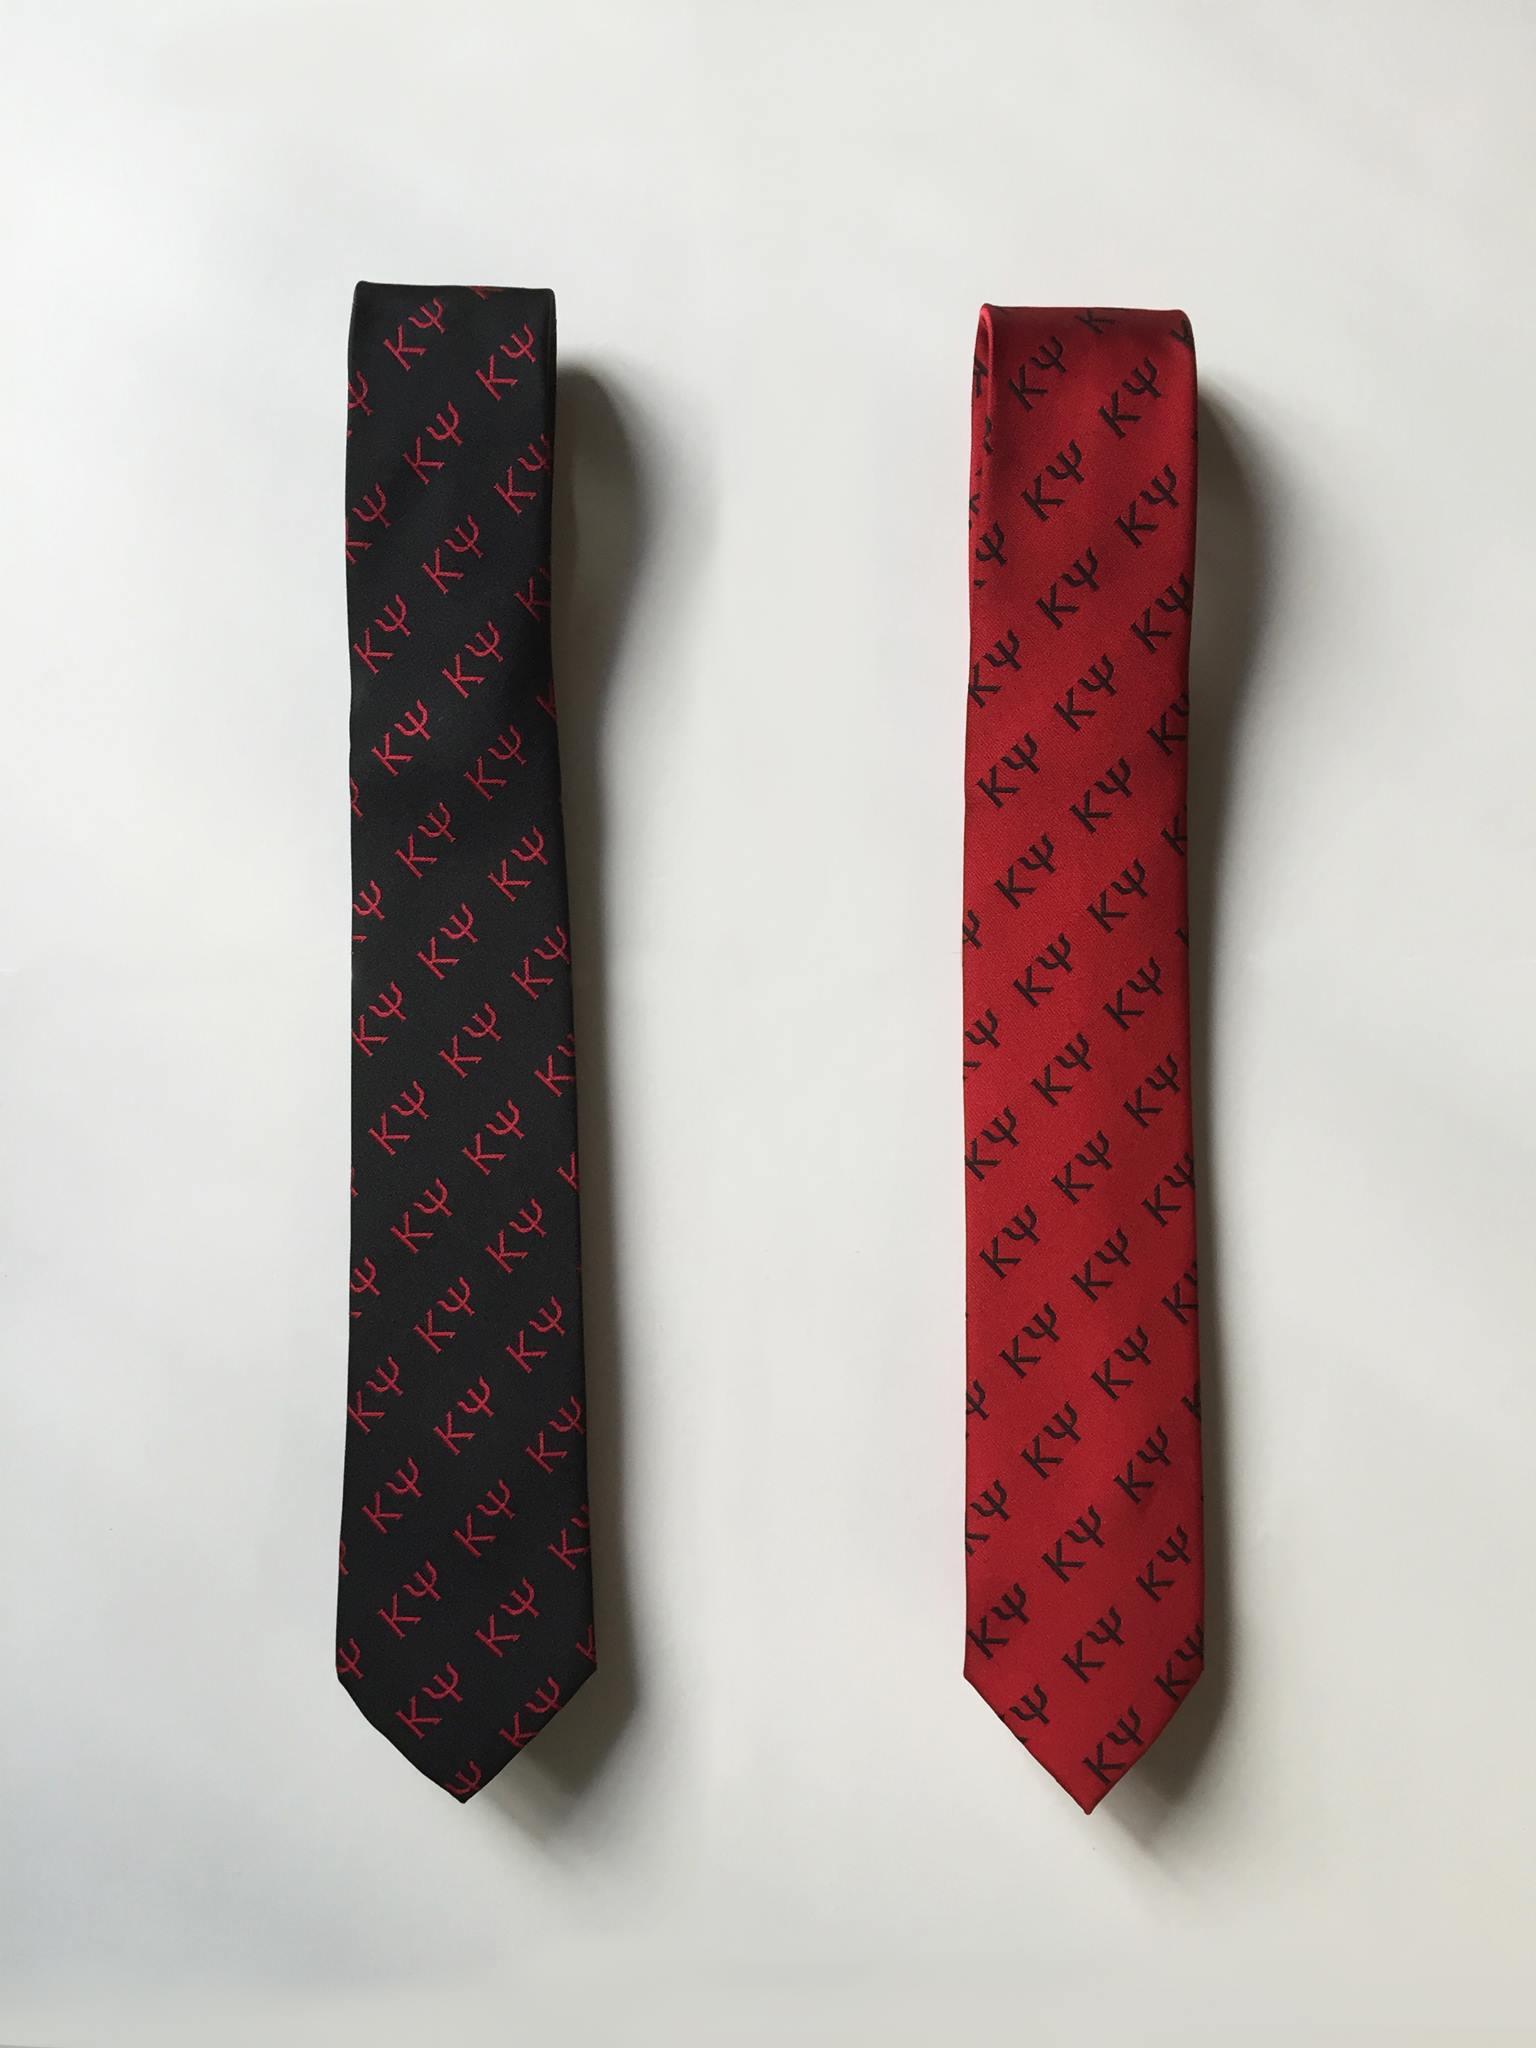 KY Skinny Ties - $20.00